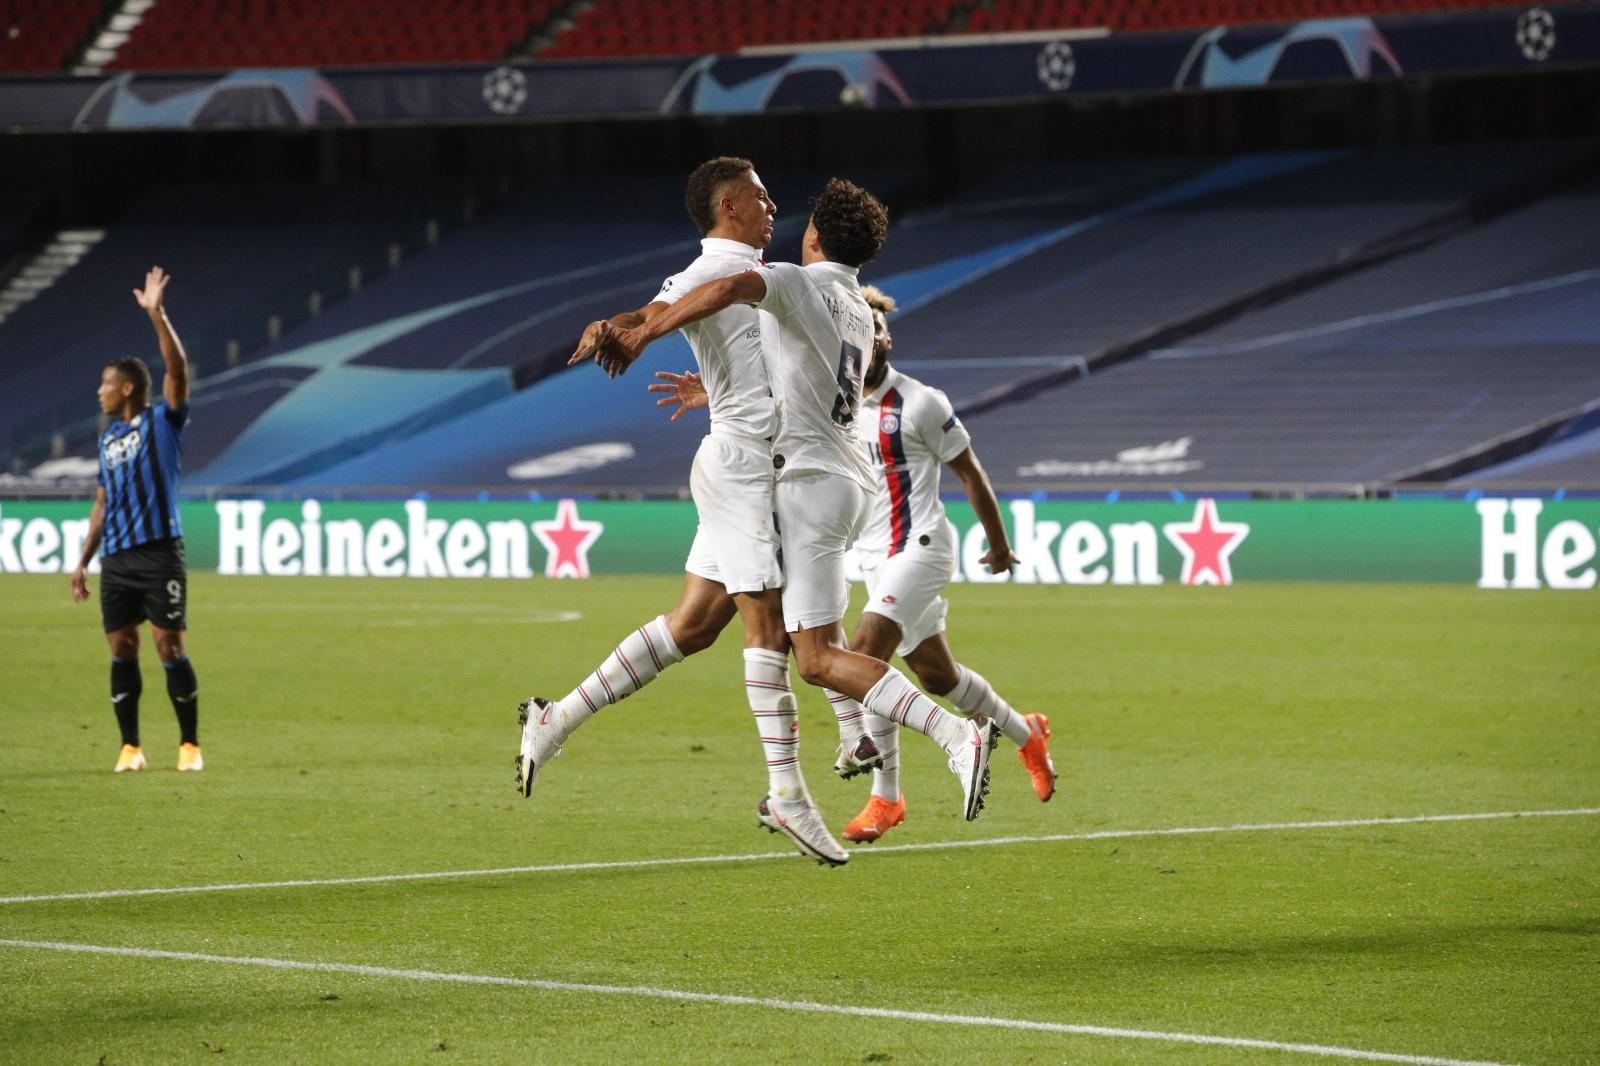 PSG consigue remontada histórica y vence a Atalanta, marcó dos tantos en tres minutos sobre le final del juego